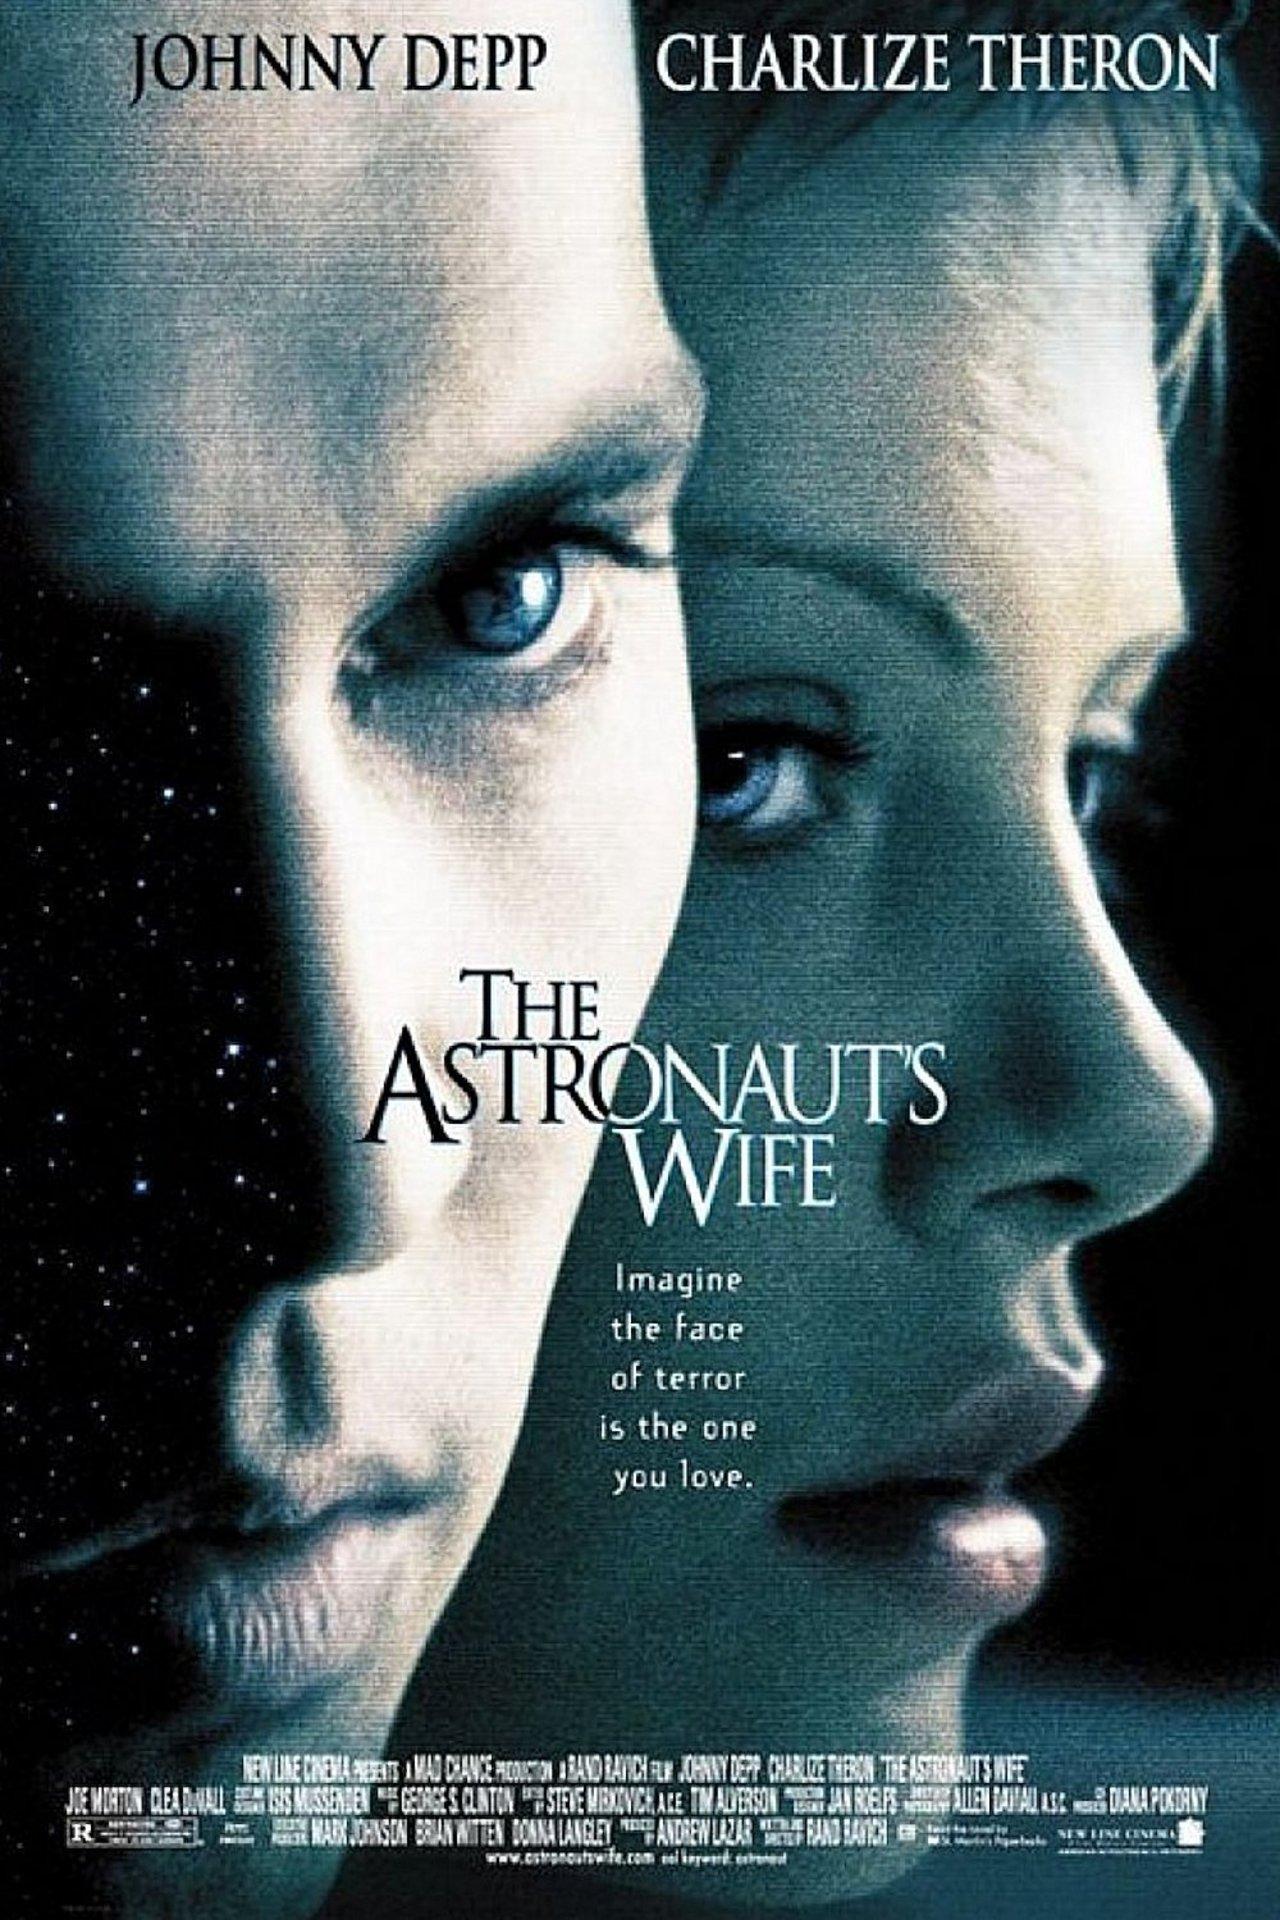 ასტრონავტის მეუღლე THE ASTRONAUT'S WIFE